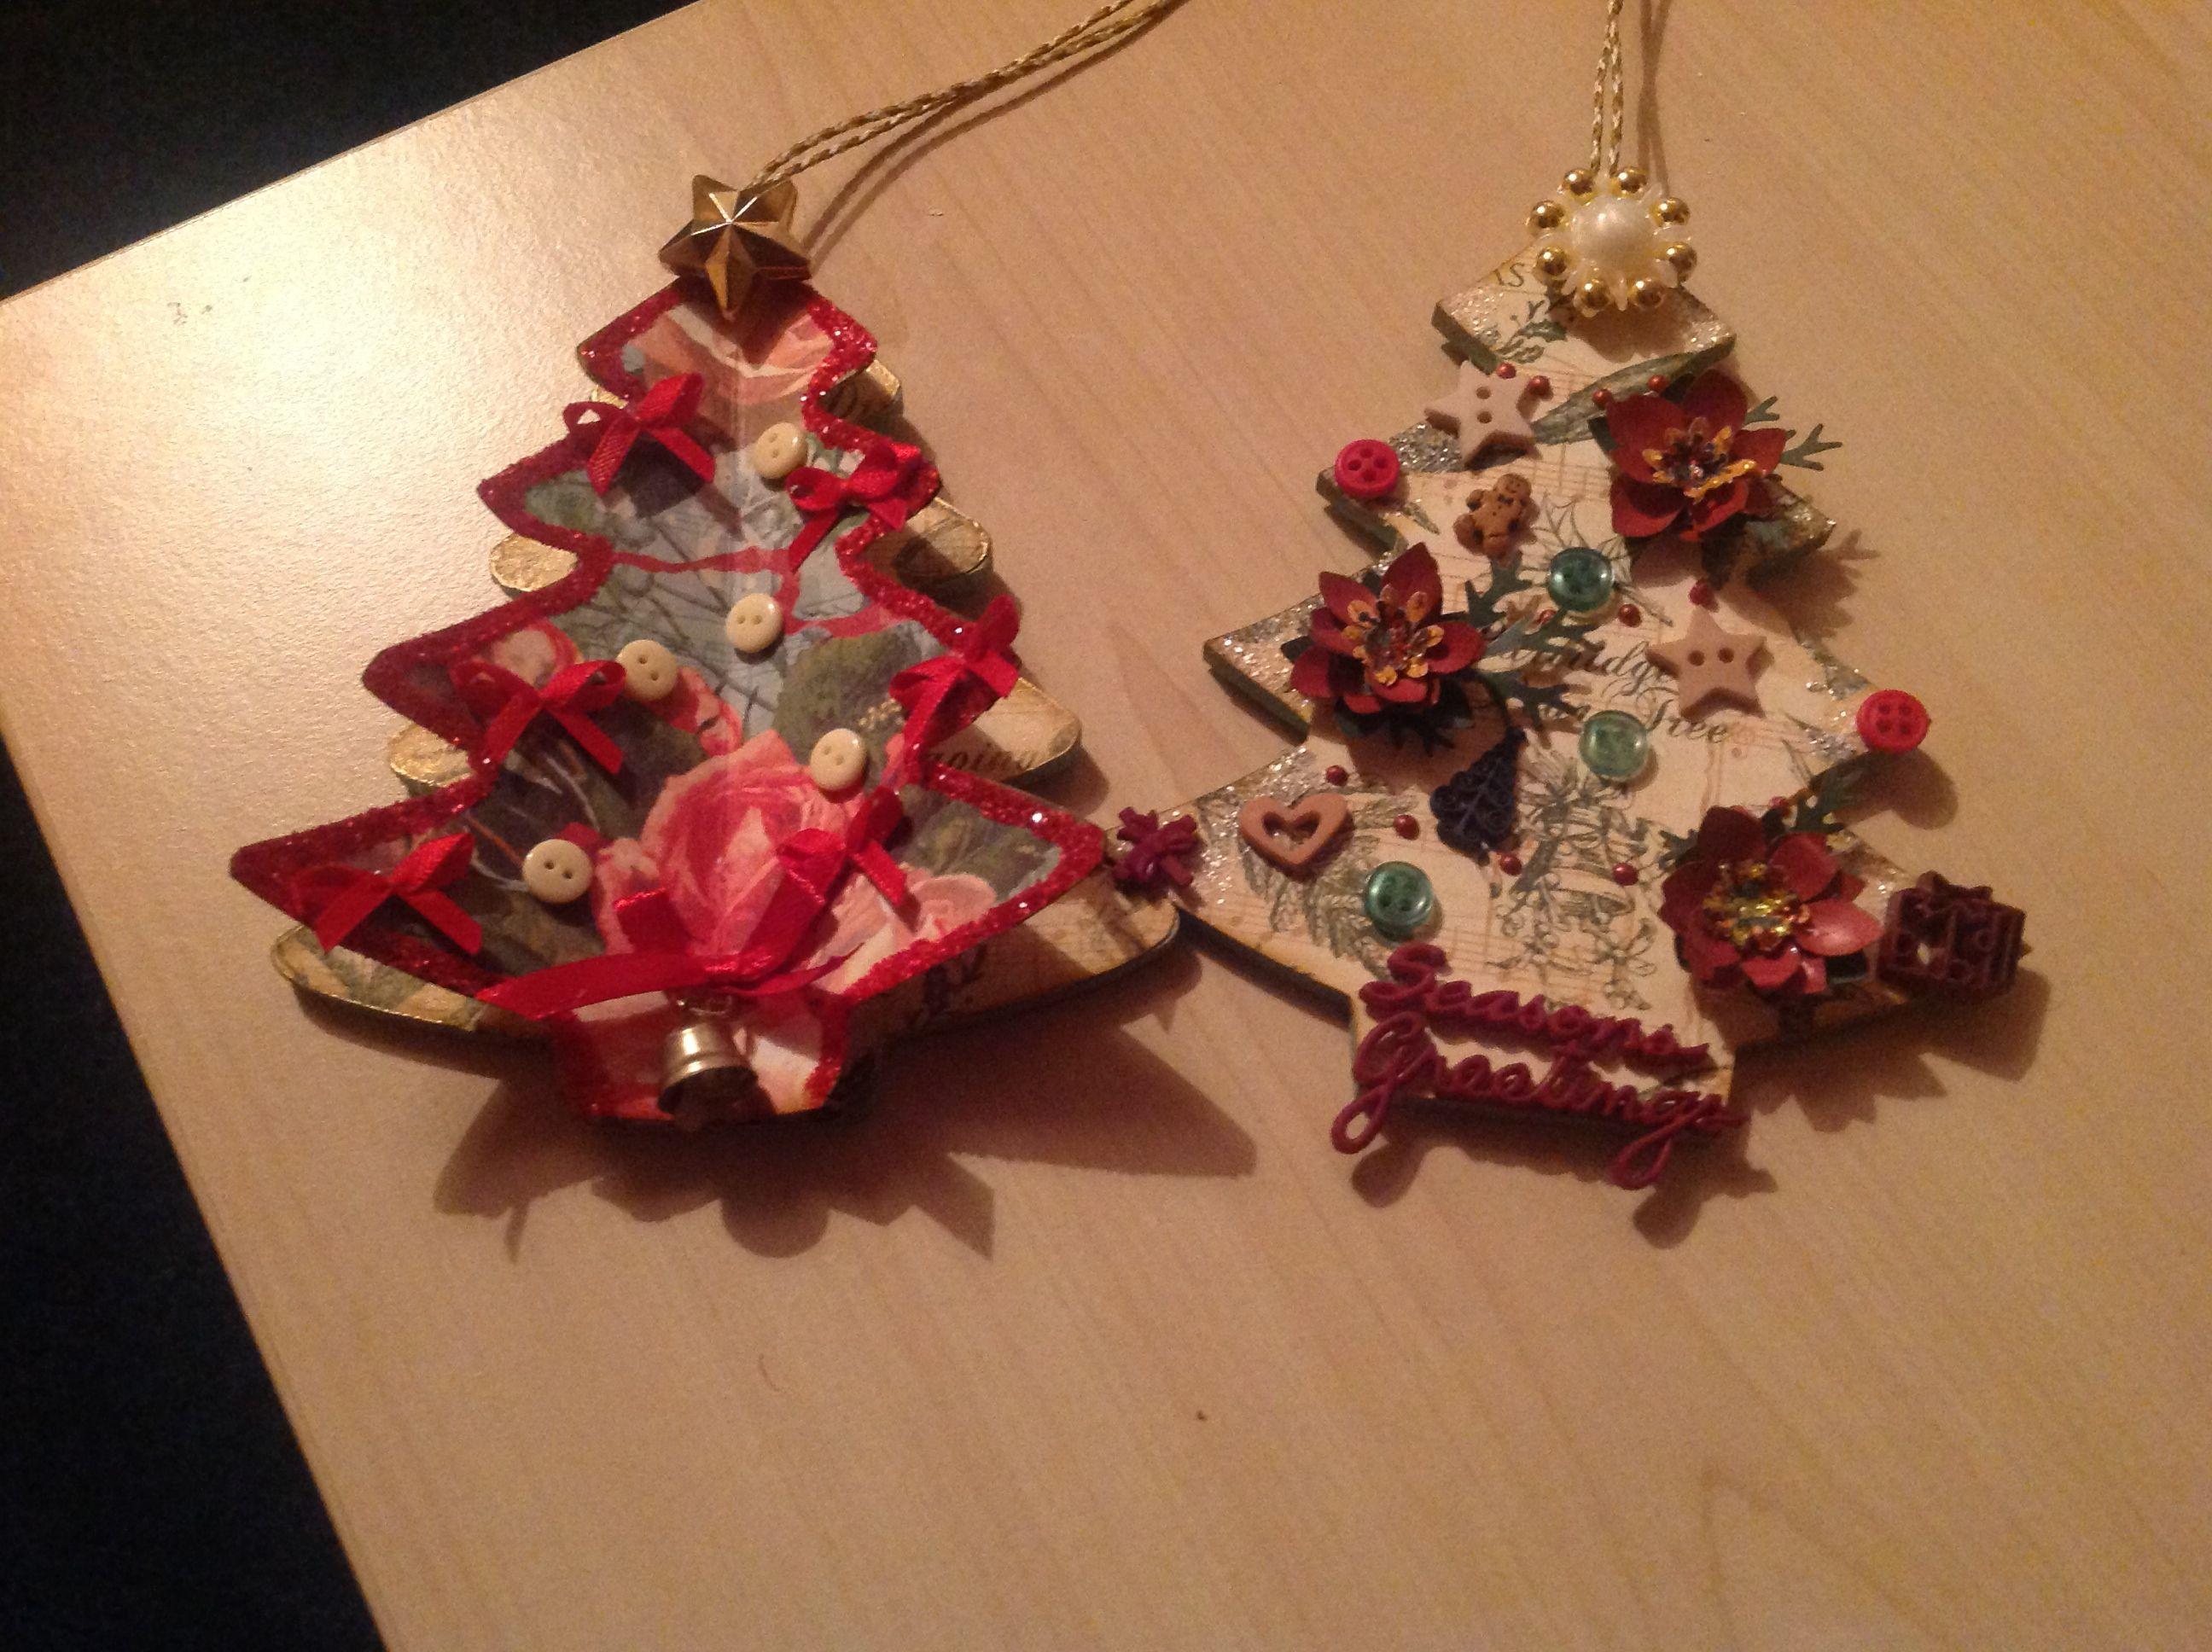 Prince Christmas Decorations.Christmas Tree Decorations Using G45 Christmas Tree